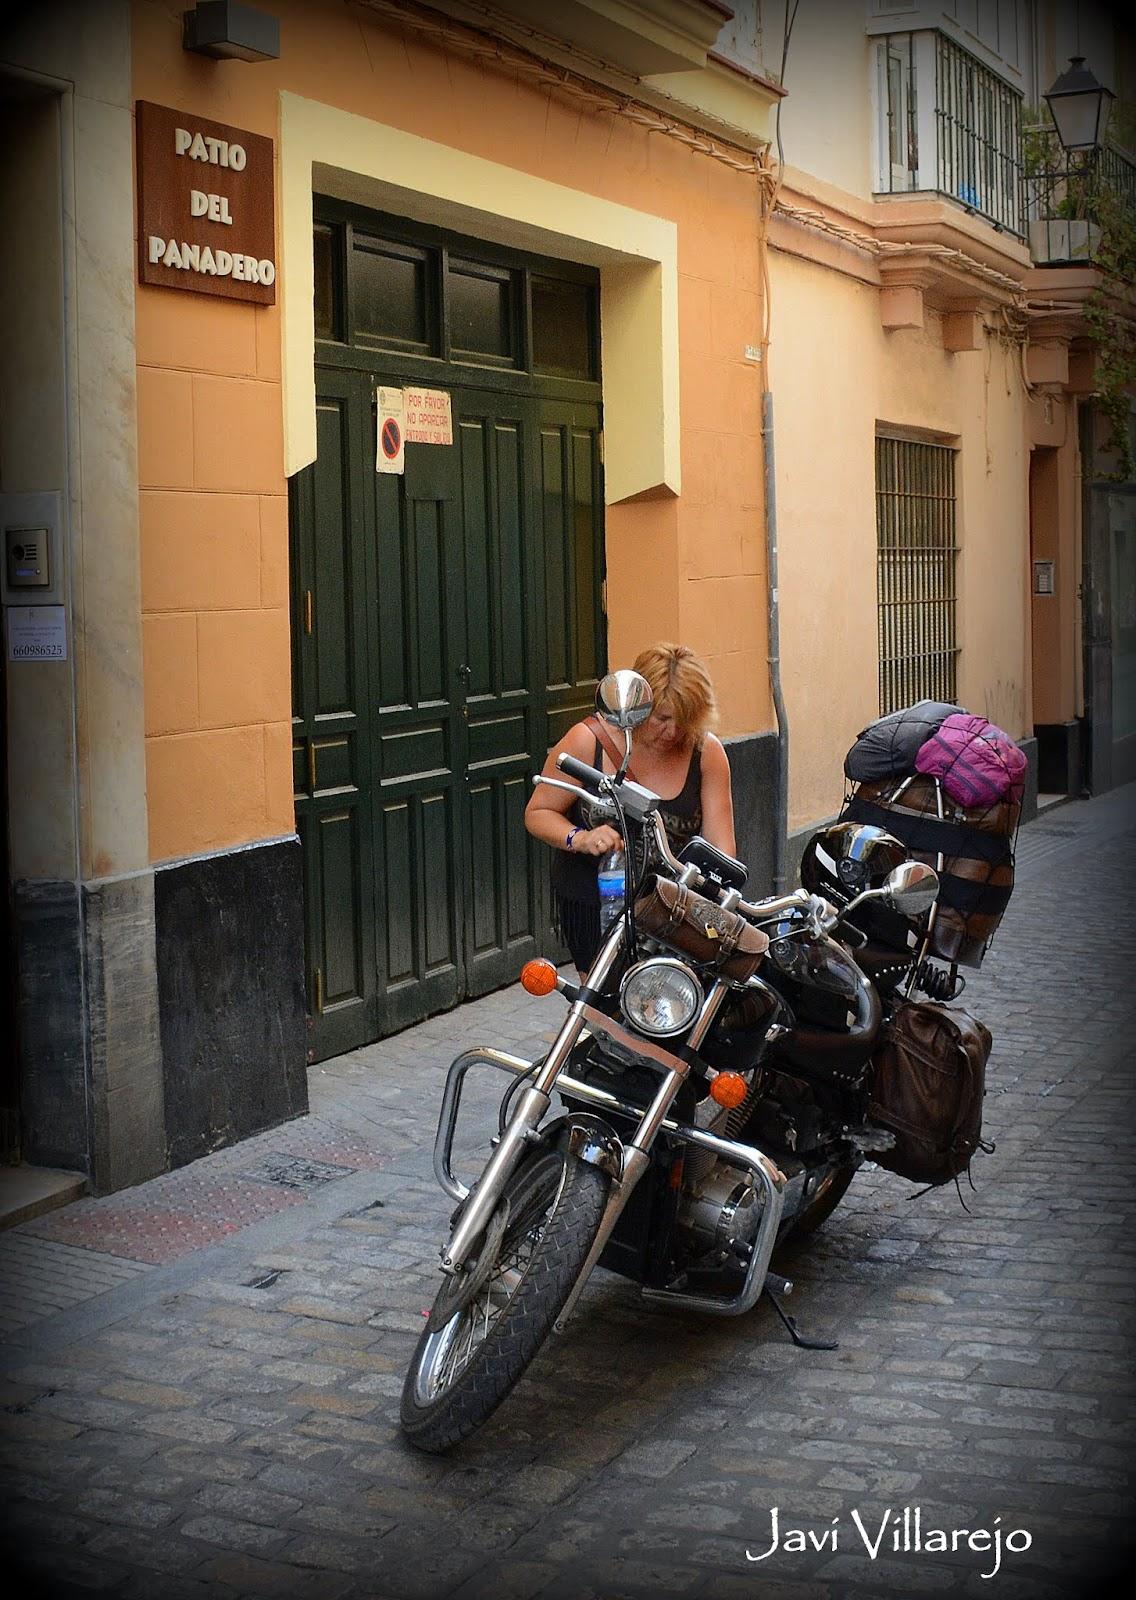 Trastero del viajero septiembre 2015 - Casa patio del panadero ...